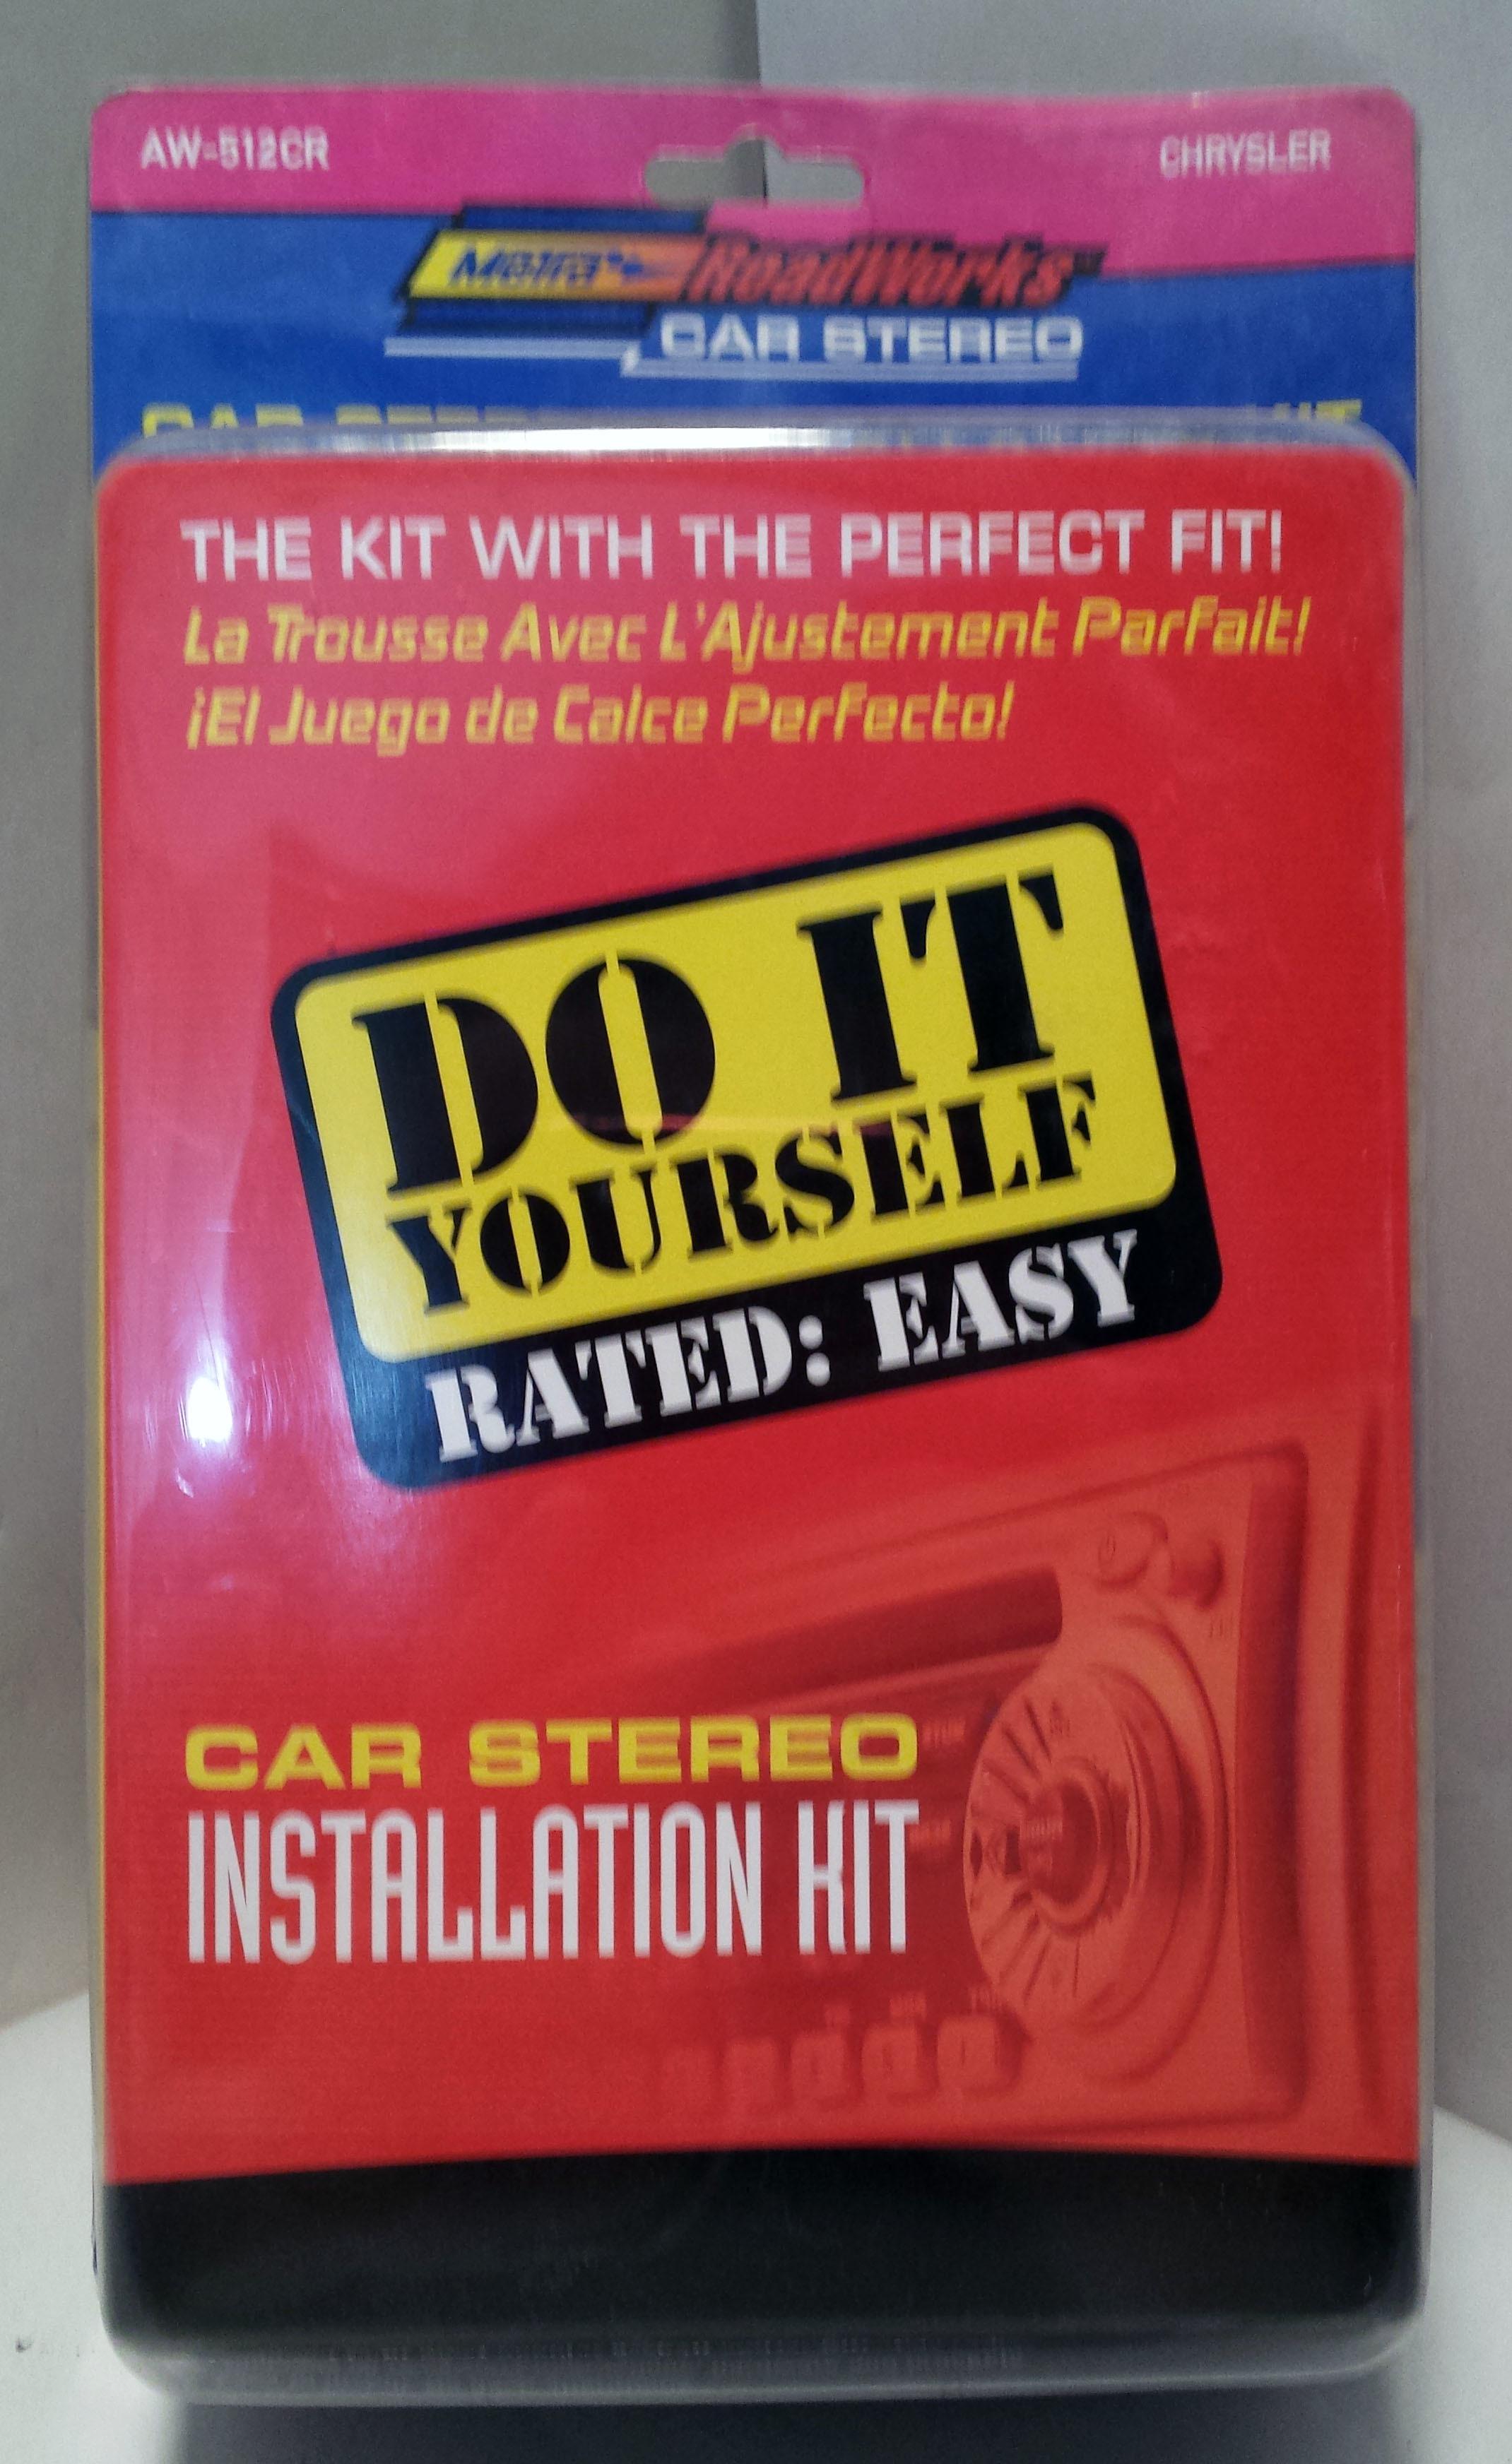 Metra RoadWorks Car Stereo Installation Kit for Chrysler Vehicles AW-512CR